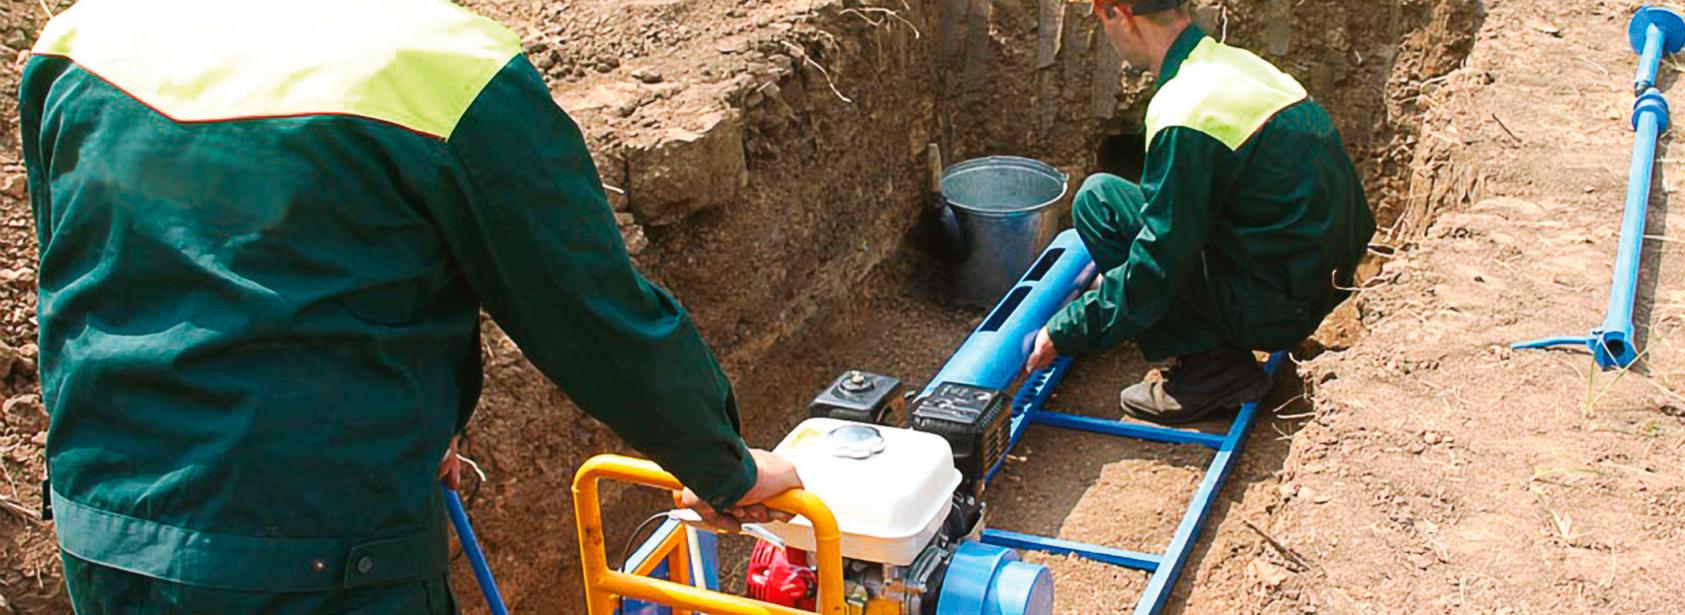 ванную под прокладка водопровода в земле путем прокола уже при фактическом